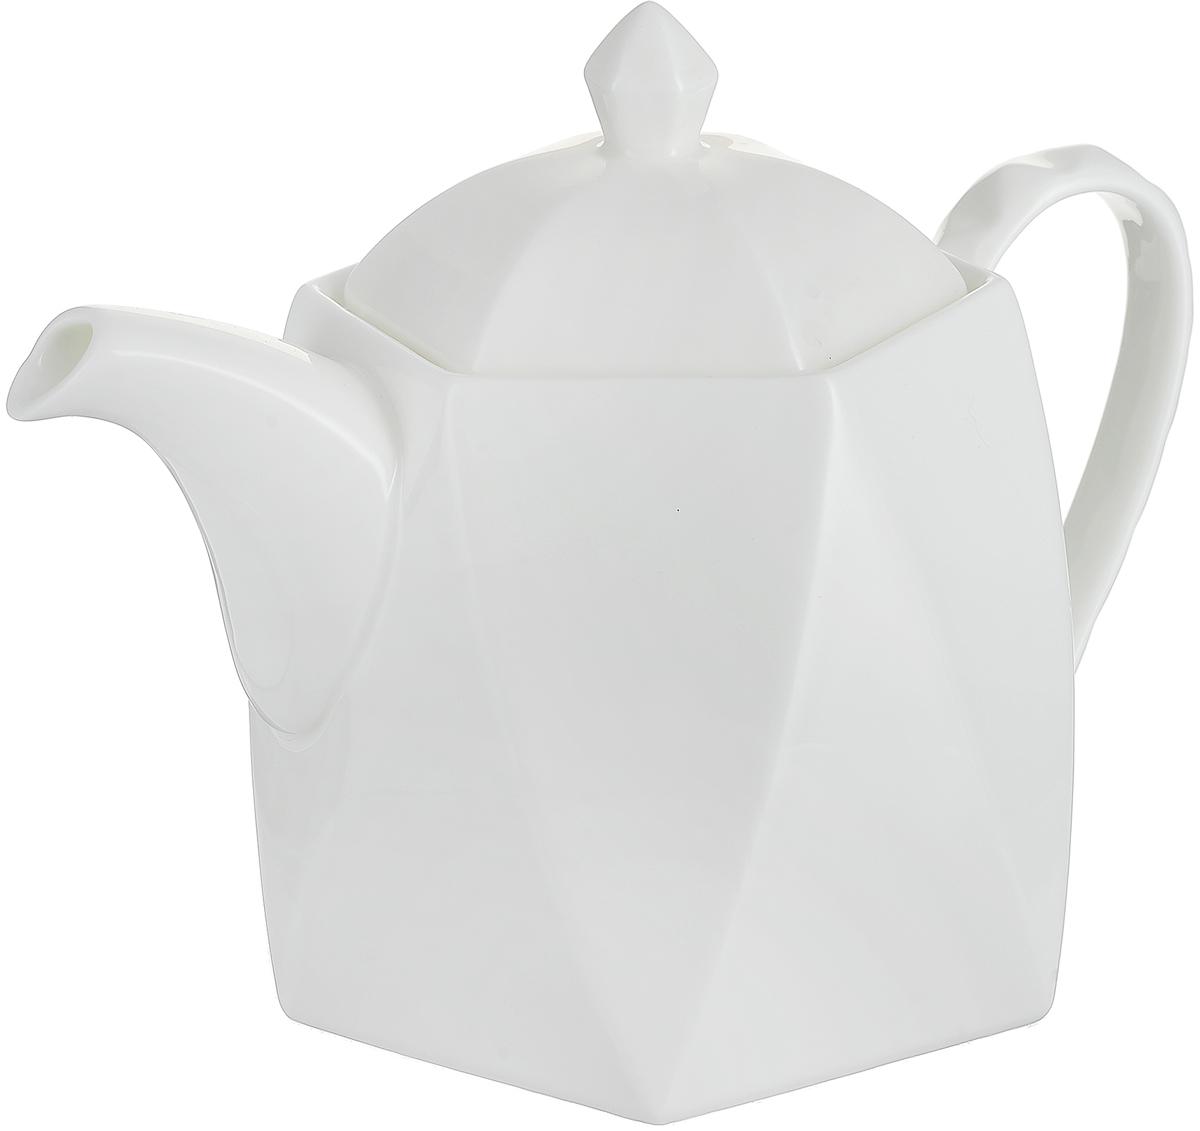 """Чайник заварочный Royal Aurel """"Диамант"""" выполнен из высококачественной керамики. Чайник лаконичной формы с коротким носиком и тонкой ручкой. Крышка дополнена удобным держателем. У изделия гладкая поверхность. Фарфор """"Royal Aurel"""" отличается исключительной белизной, что объясняется уникальными компонентами и традиционной технологией, по которой он был изготовлен. Белая глина из провинции Фуцзянь и традиционные рецепты китайских мастеров создают неповторимую композицию."""